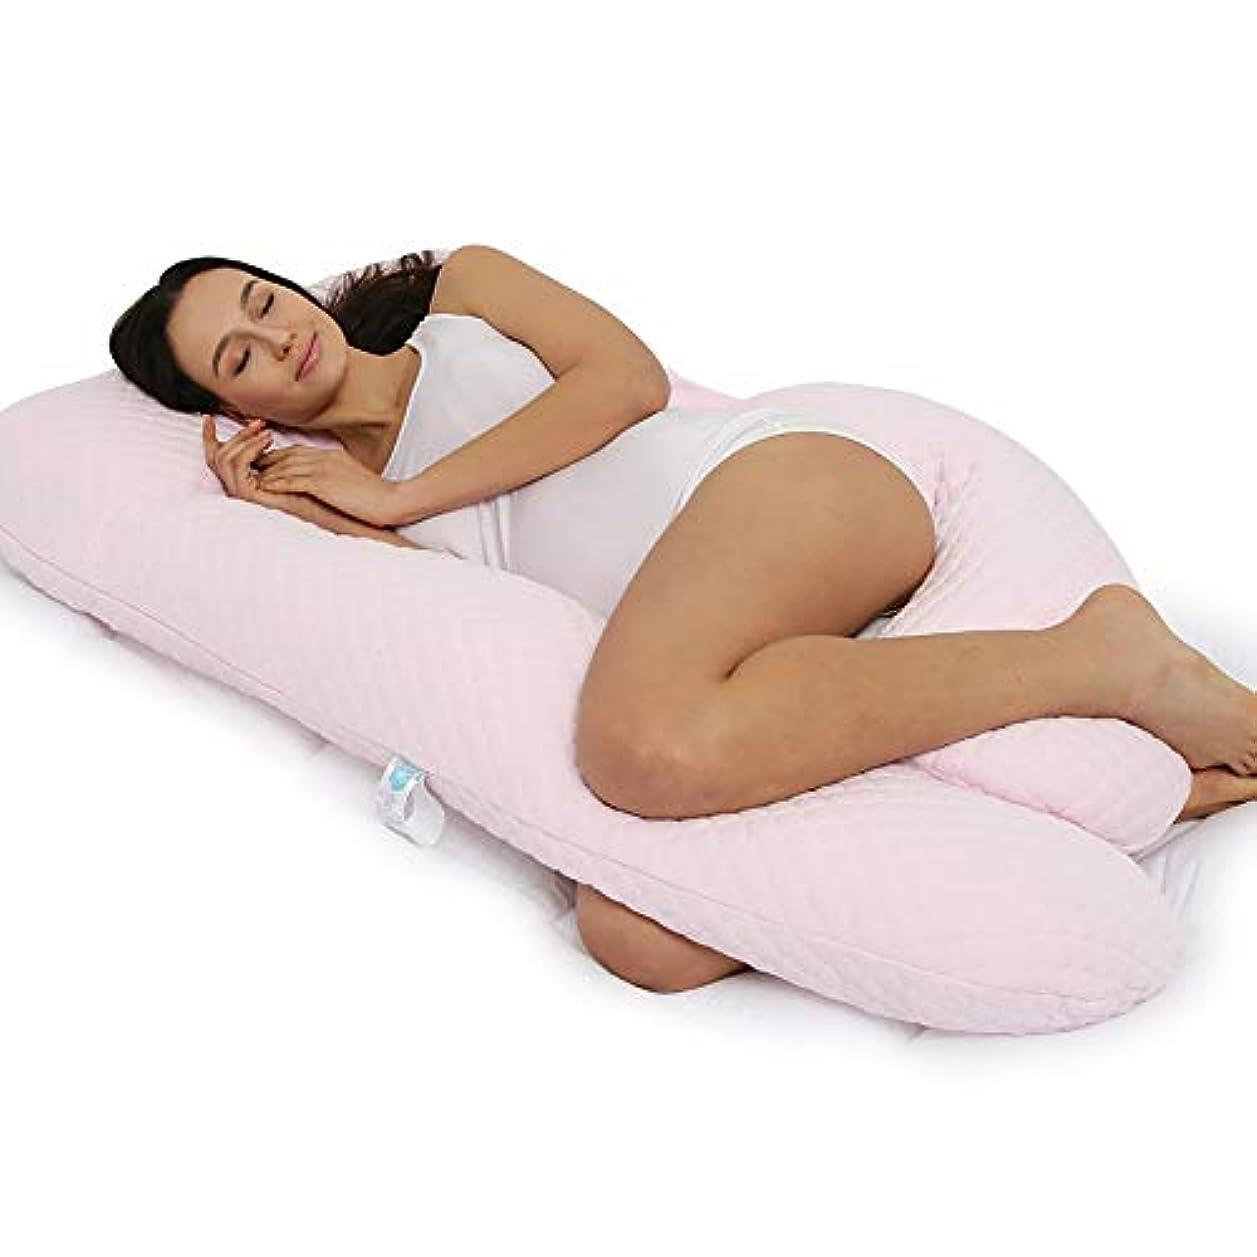 移民拷問ラブ多機能妊娠女性枕、U字型フルボディ枕マタニティサポート取り外し可能な拡張、サポートバック、ヒップ、脚、腹妊婦,ピンク